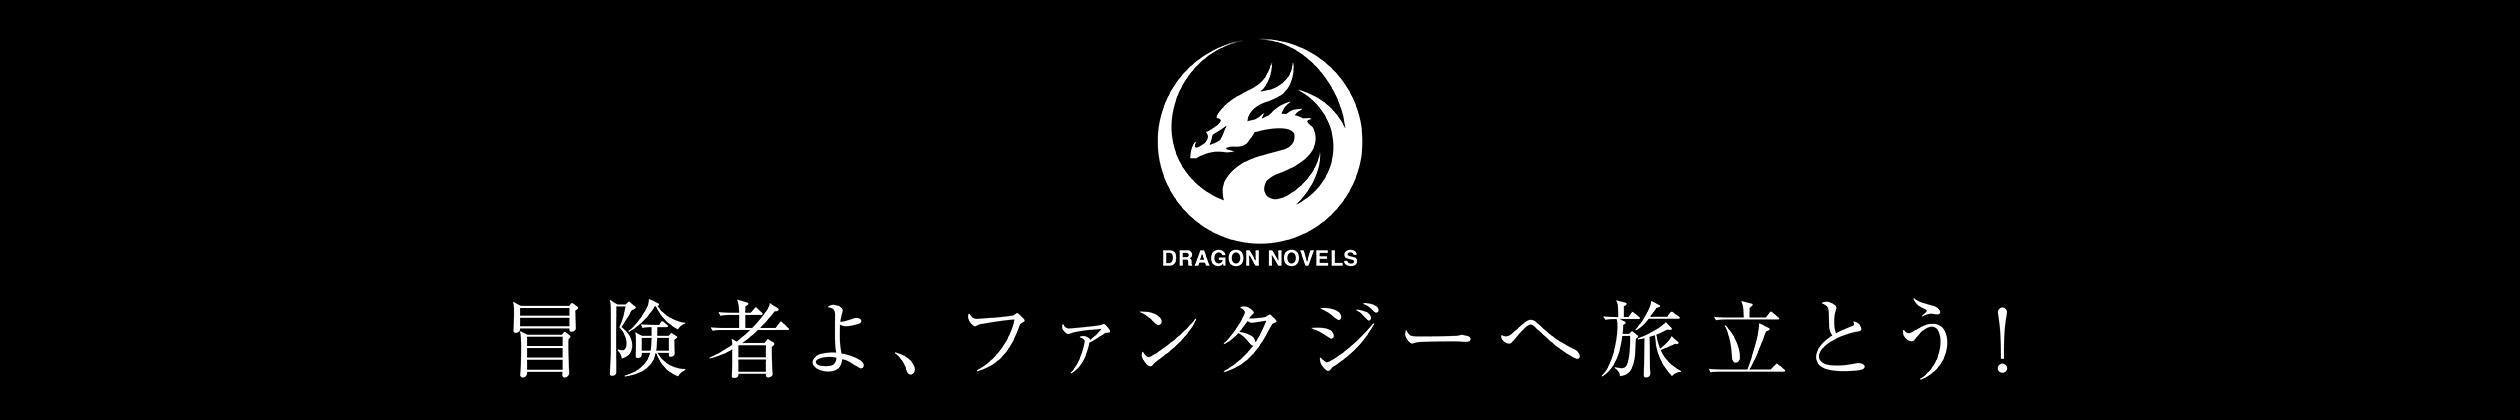 ドラゴンノベルス